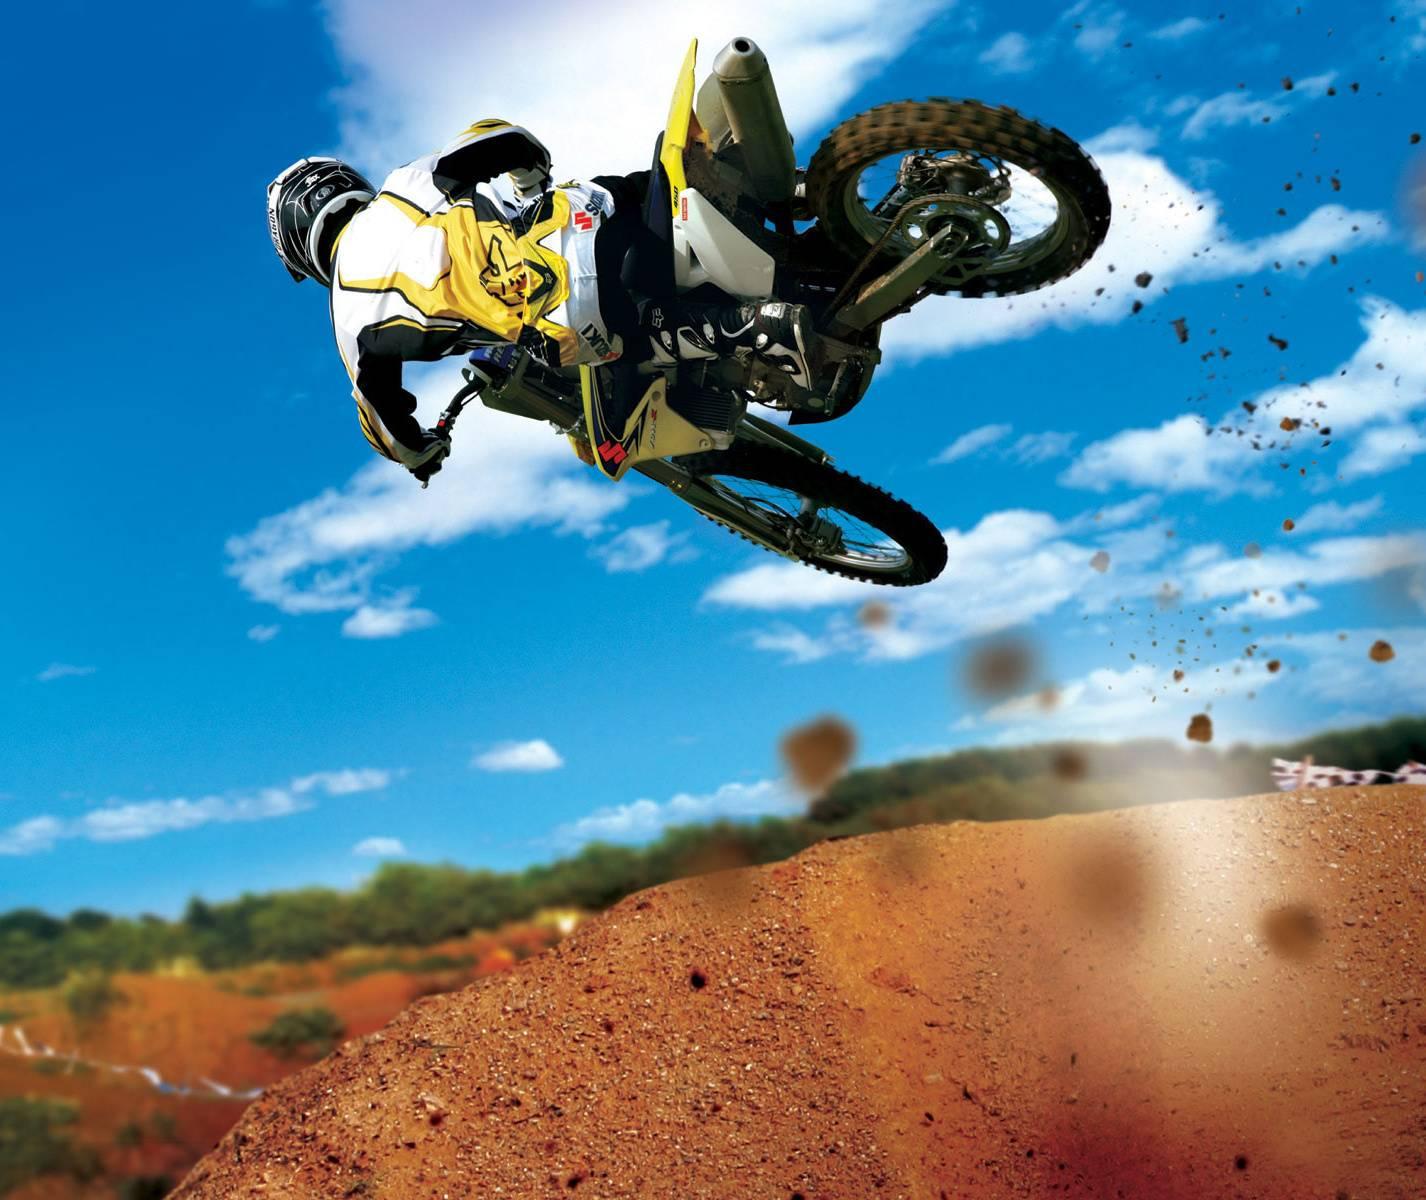 Bike In Air